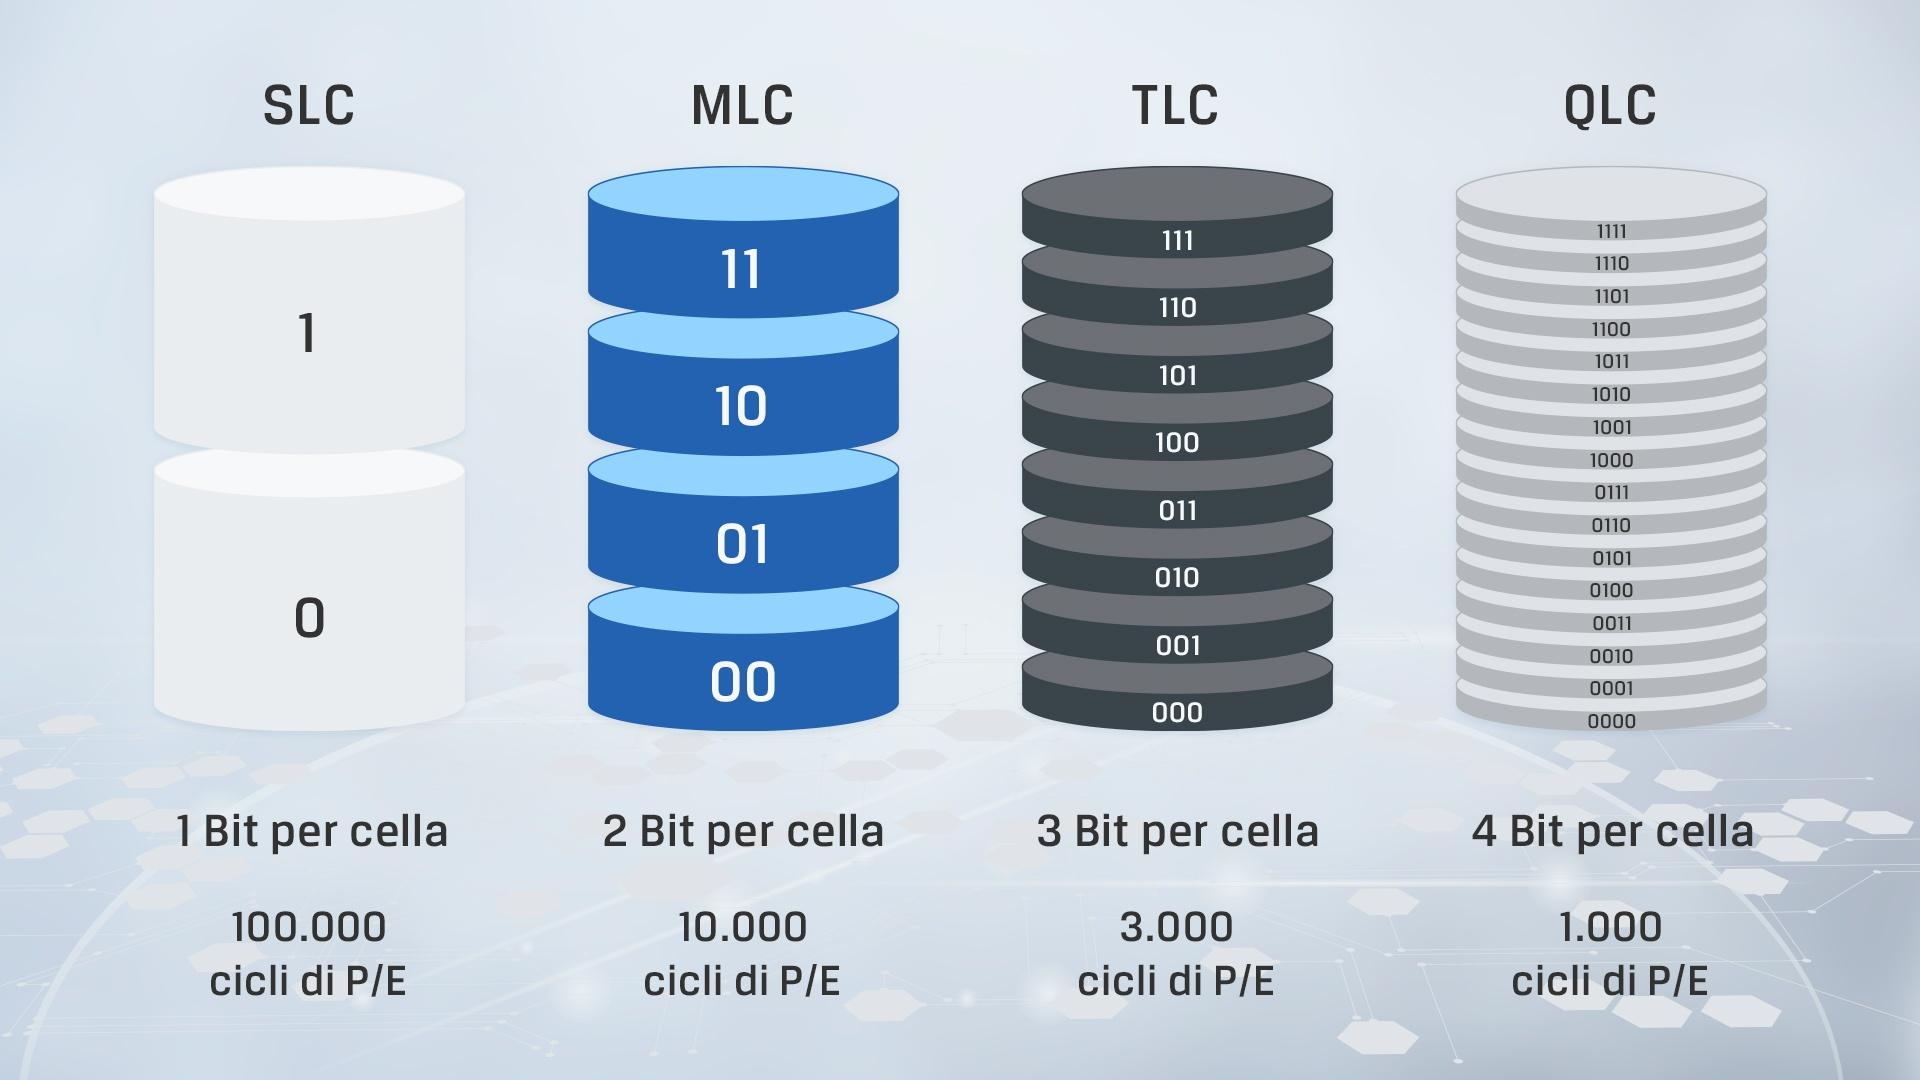 un'infografica che mostra le principali differenze tra i vari tipi di NAND